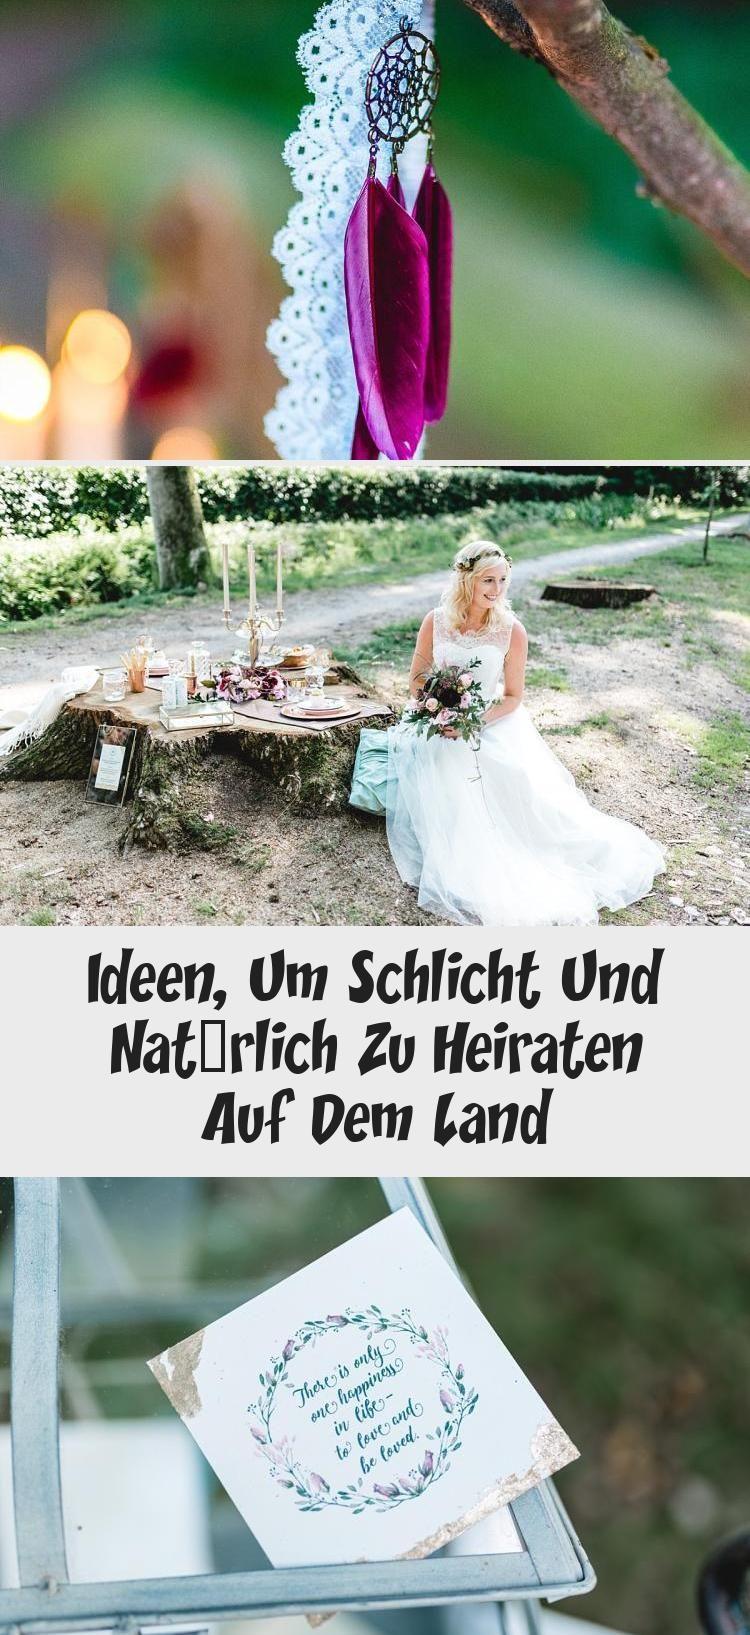 Hochzeitsdeko Ideen Garten Genial Family Tree Für Hochzeit Familienbaum Als